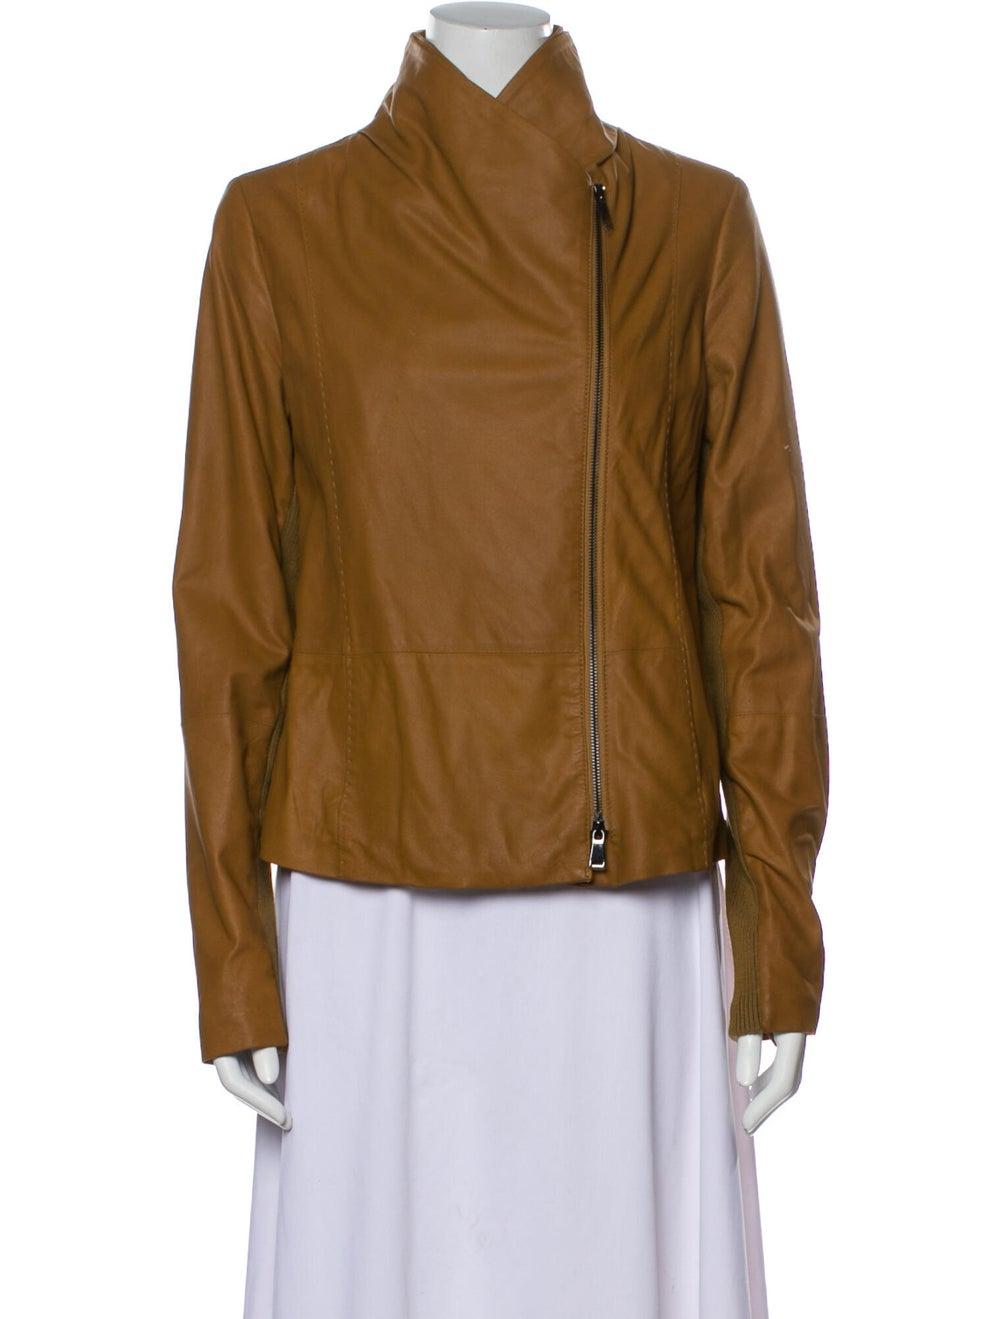 Vince Goat Leather Biker Jacket - image 4